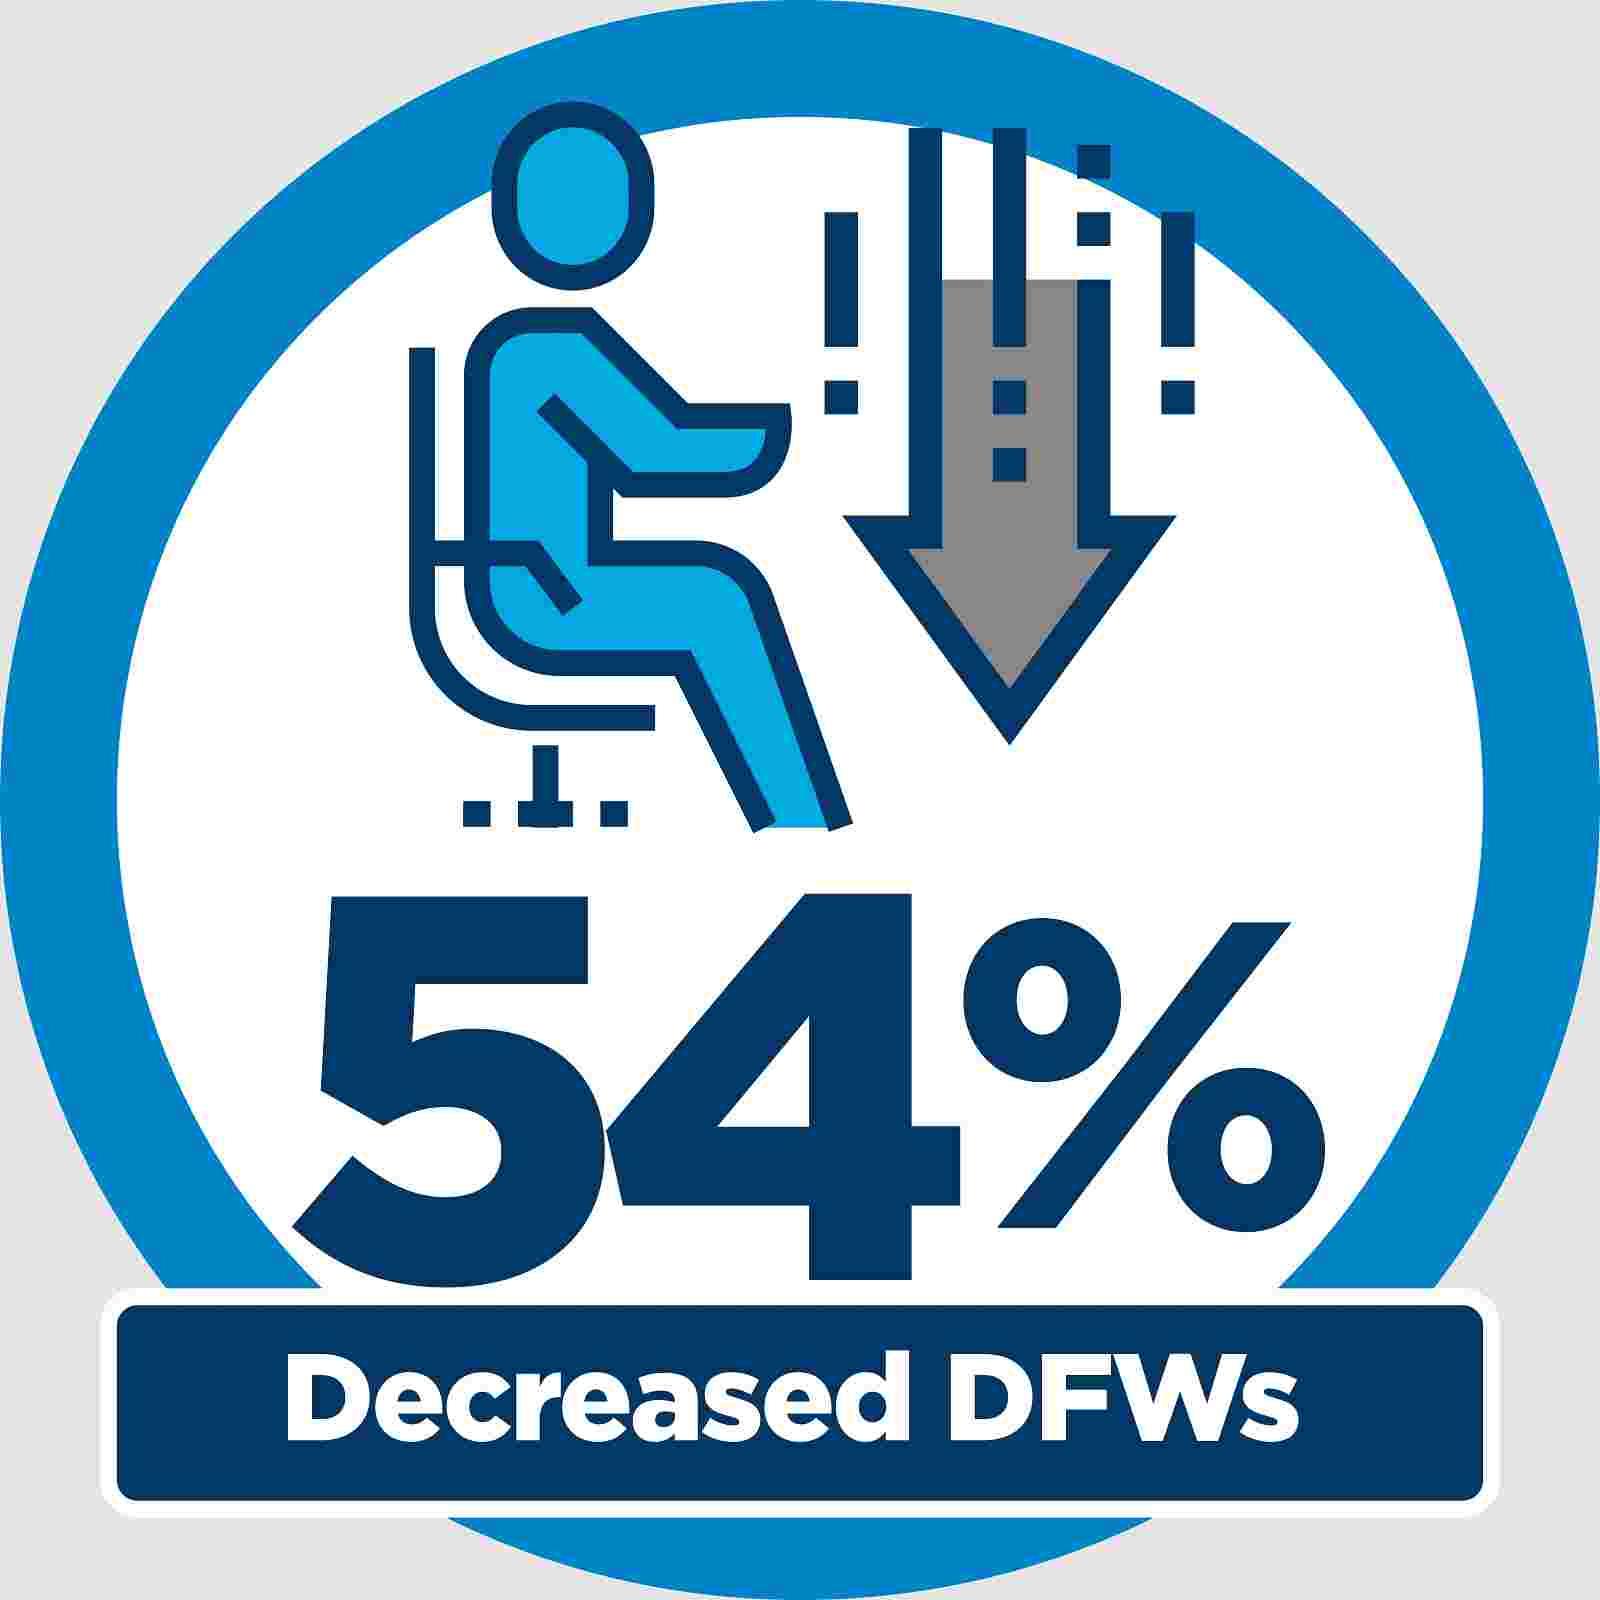 54% Decreased DFWs